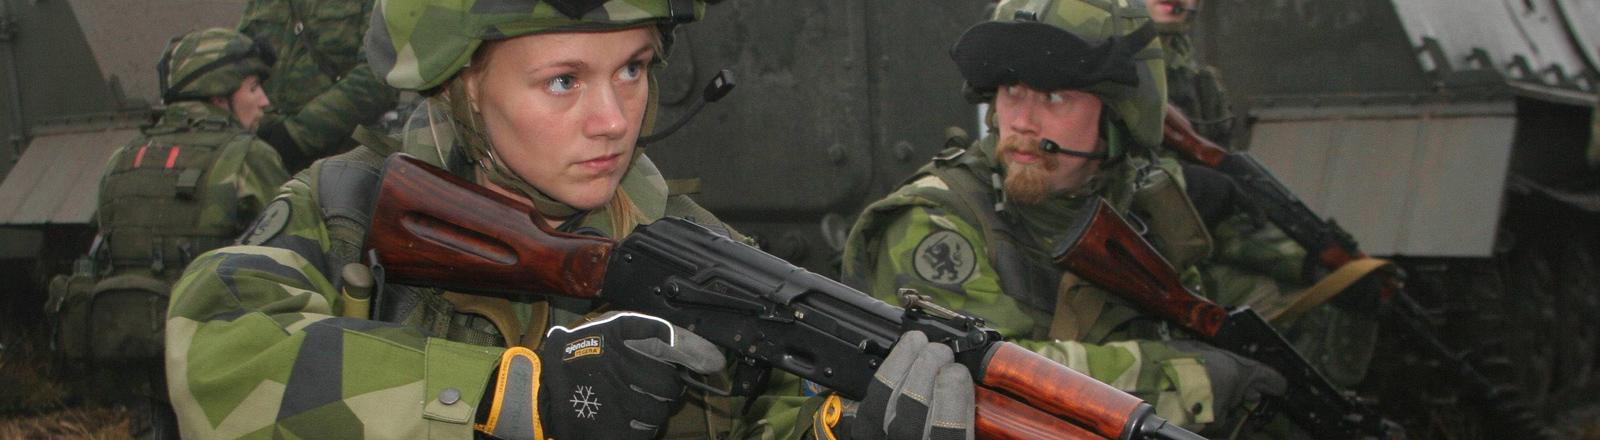 Schwedische Soldaten bei einem gemeinsamen Manöver mit russischem Militär